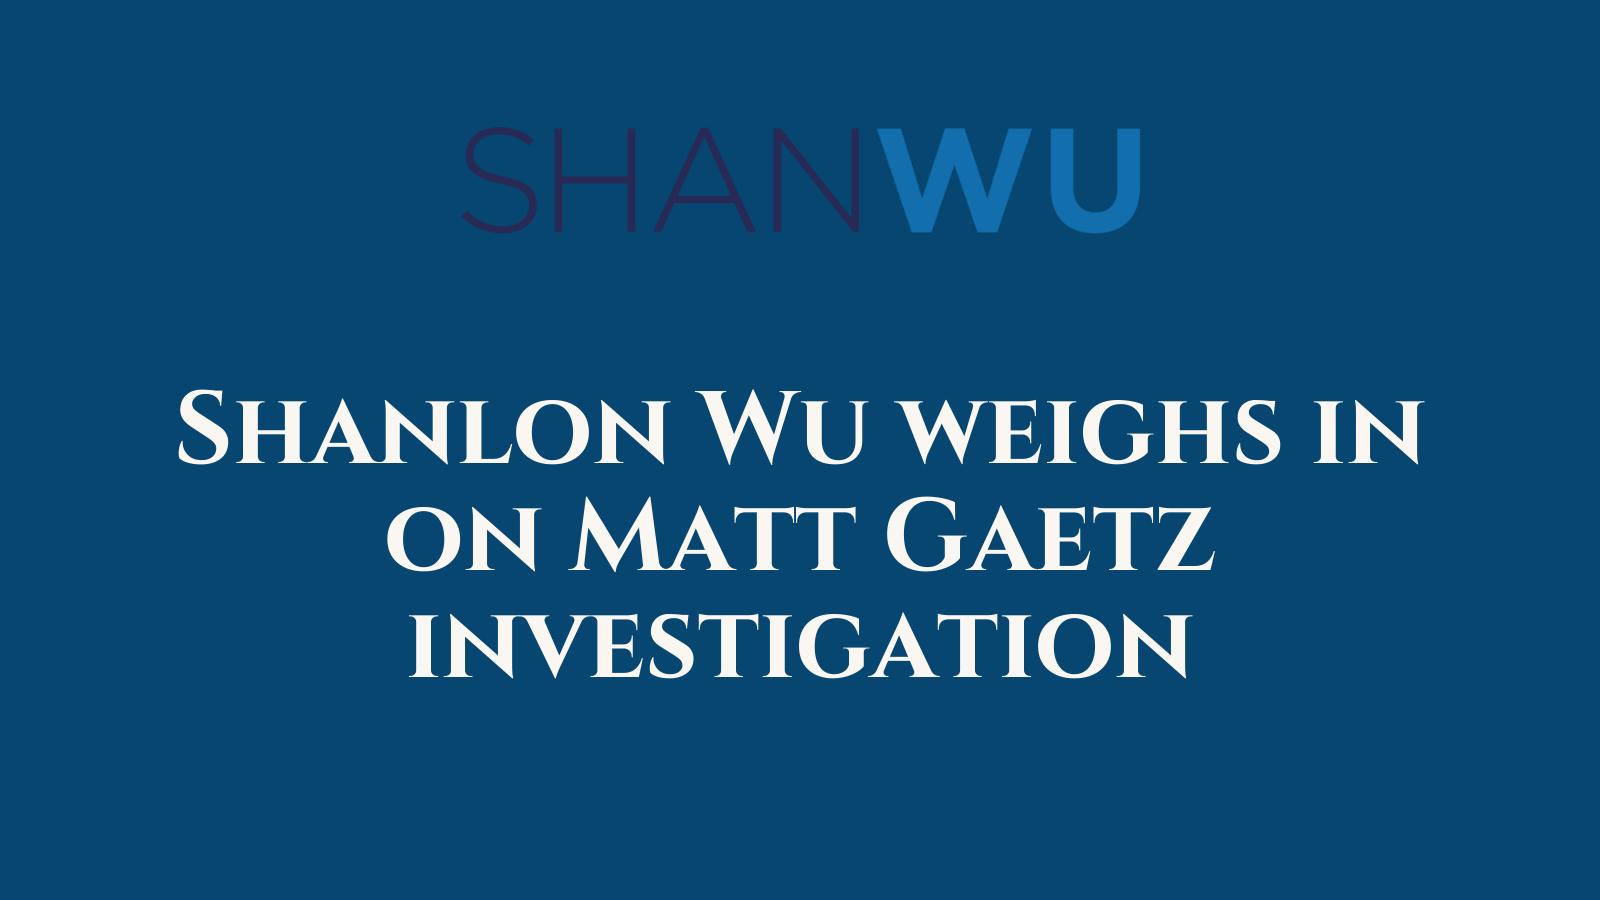 Shanlon Wu weighs in on Matt Gaetz investigation - Shanlon Wu